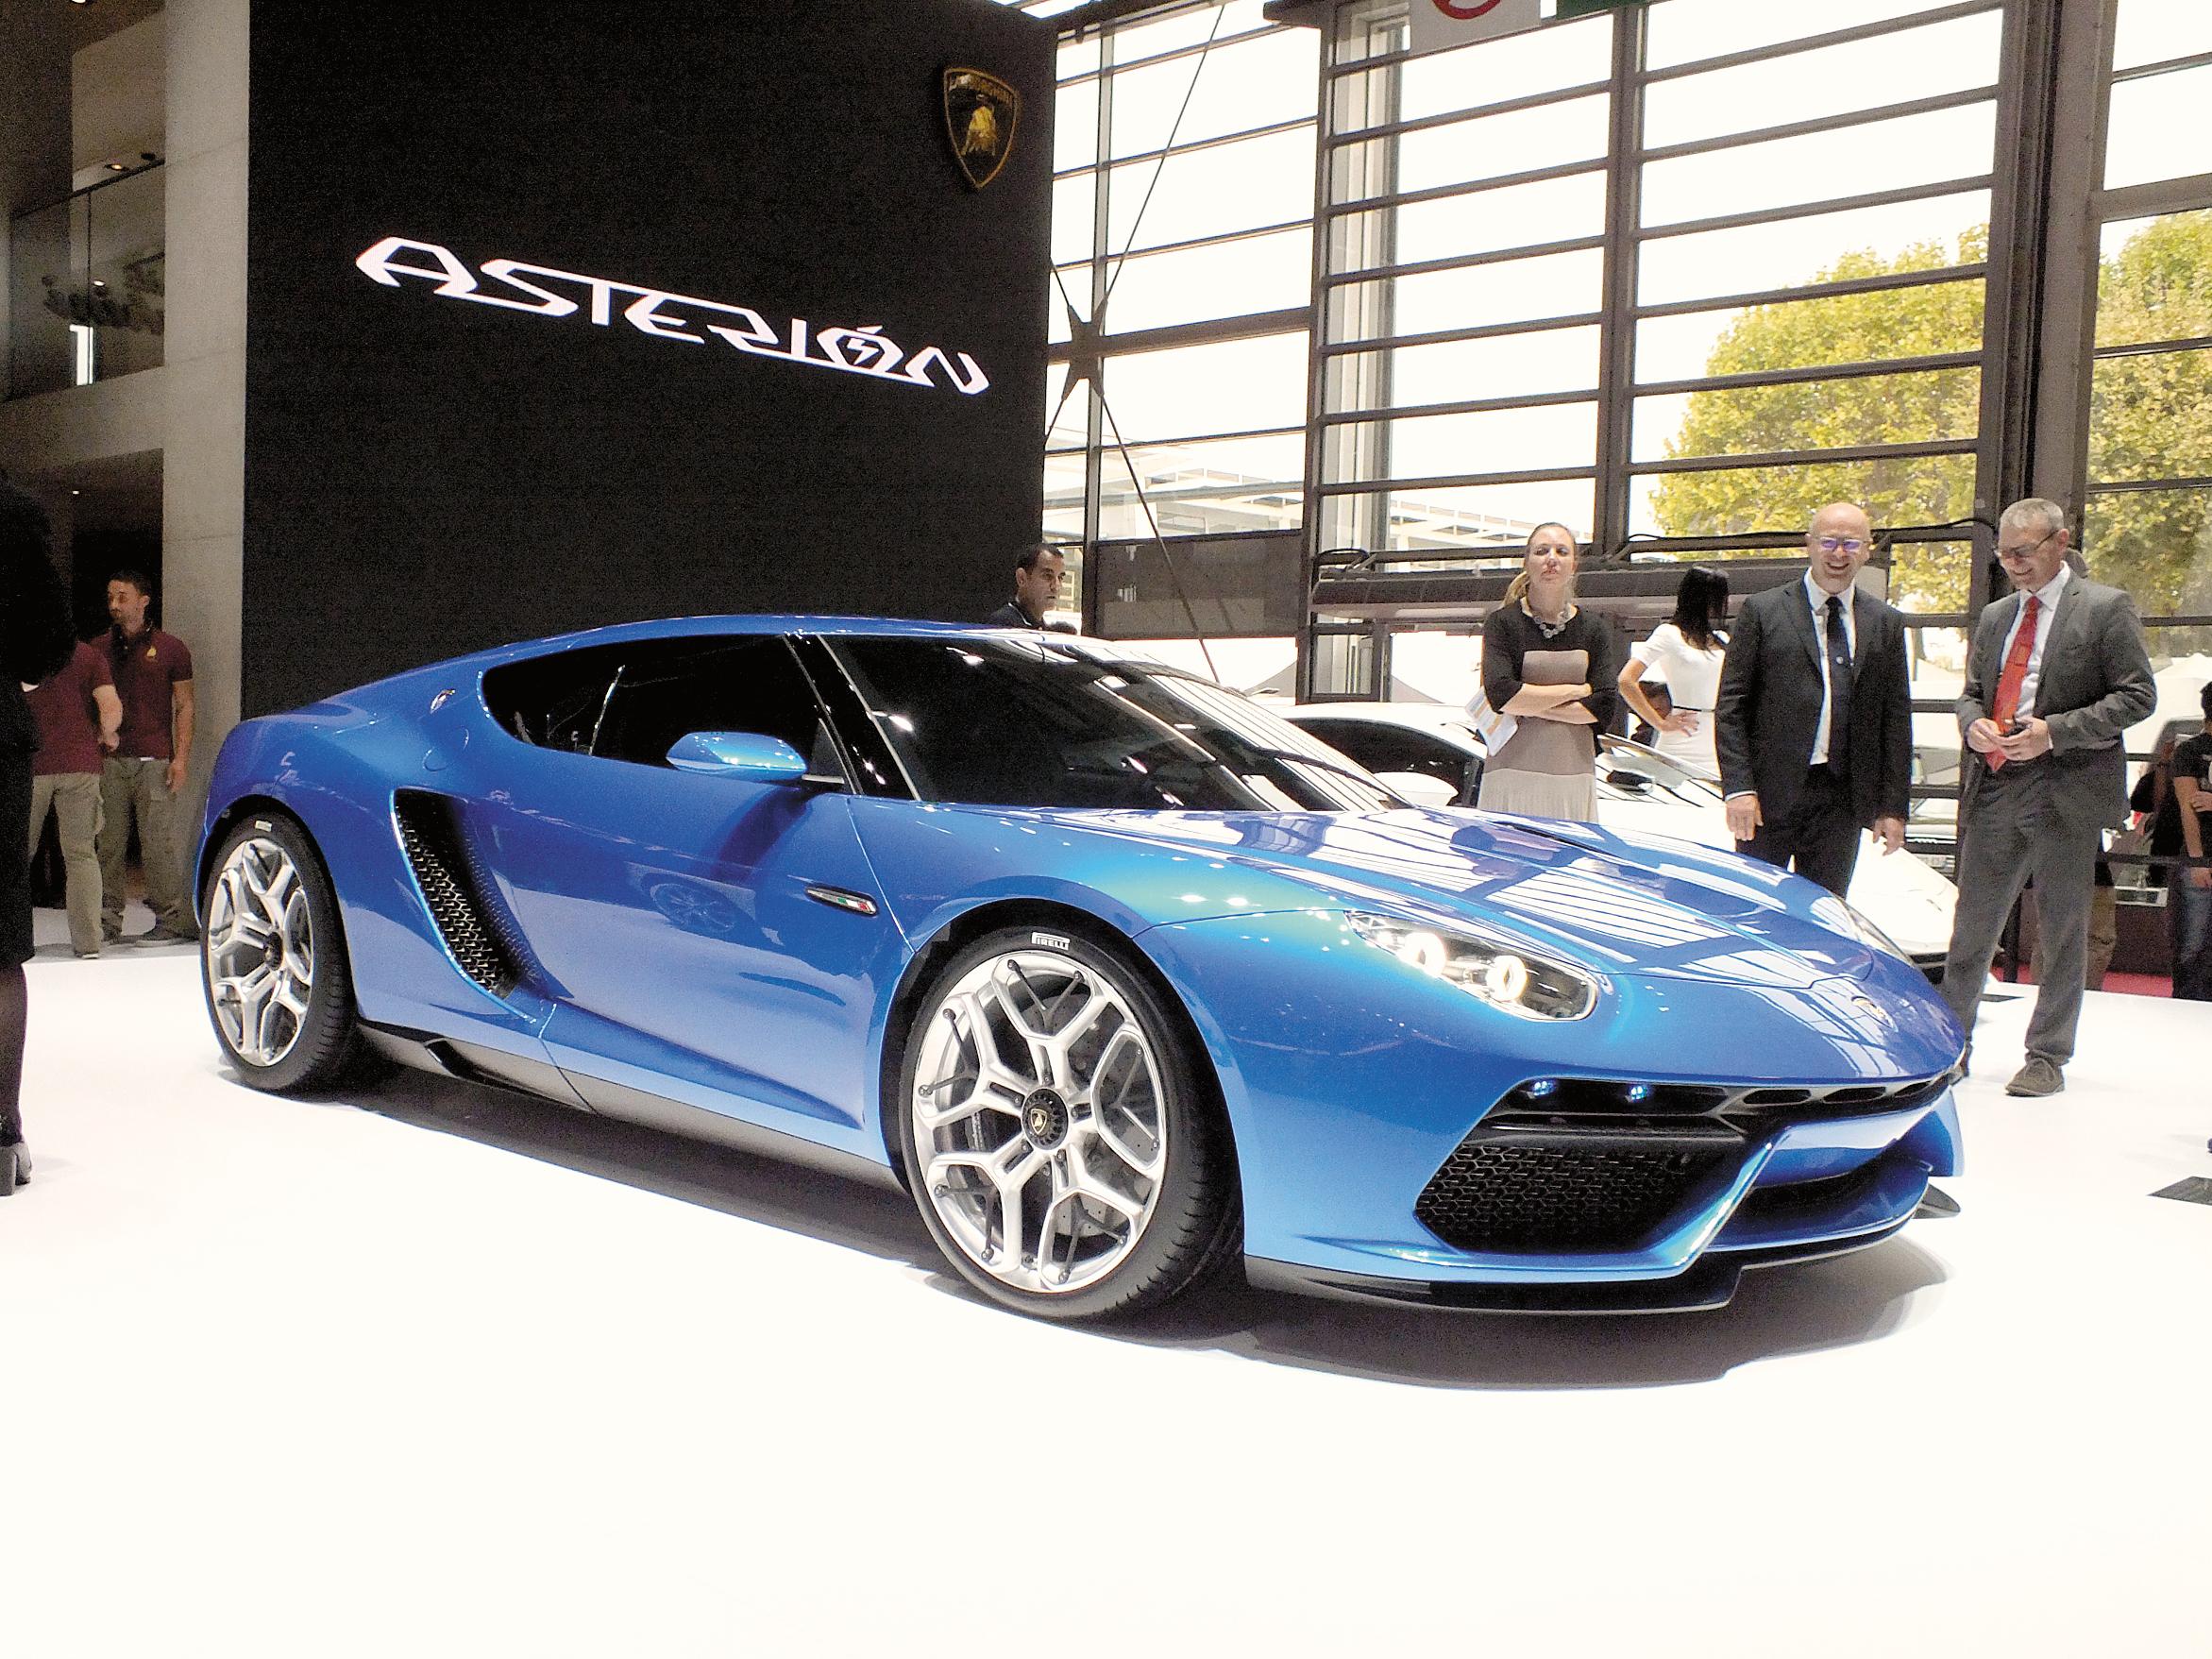 Salonul Auto de la Paris: Dacia şi Ford au prezentat trei noi modele de familie cu piese produse în România